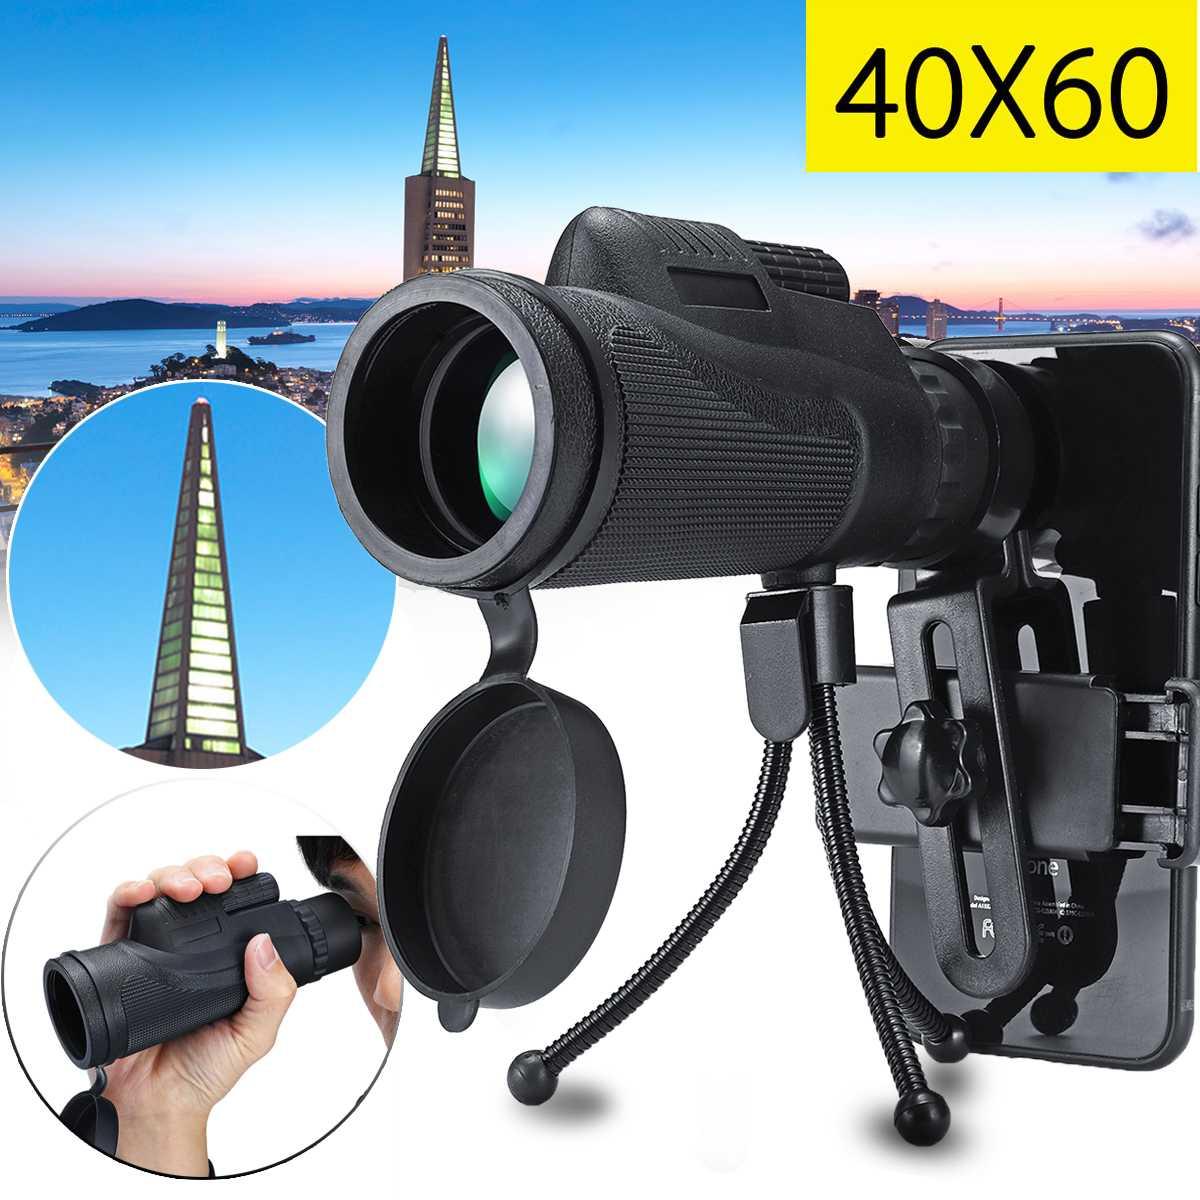 40X60 lente telescópica teléfono inteligente Monocular telescopio Cámara Camping senderismo pesca con trípode de Clip de teléfono móvil